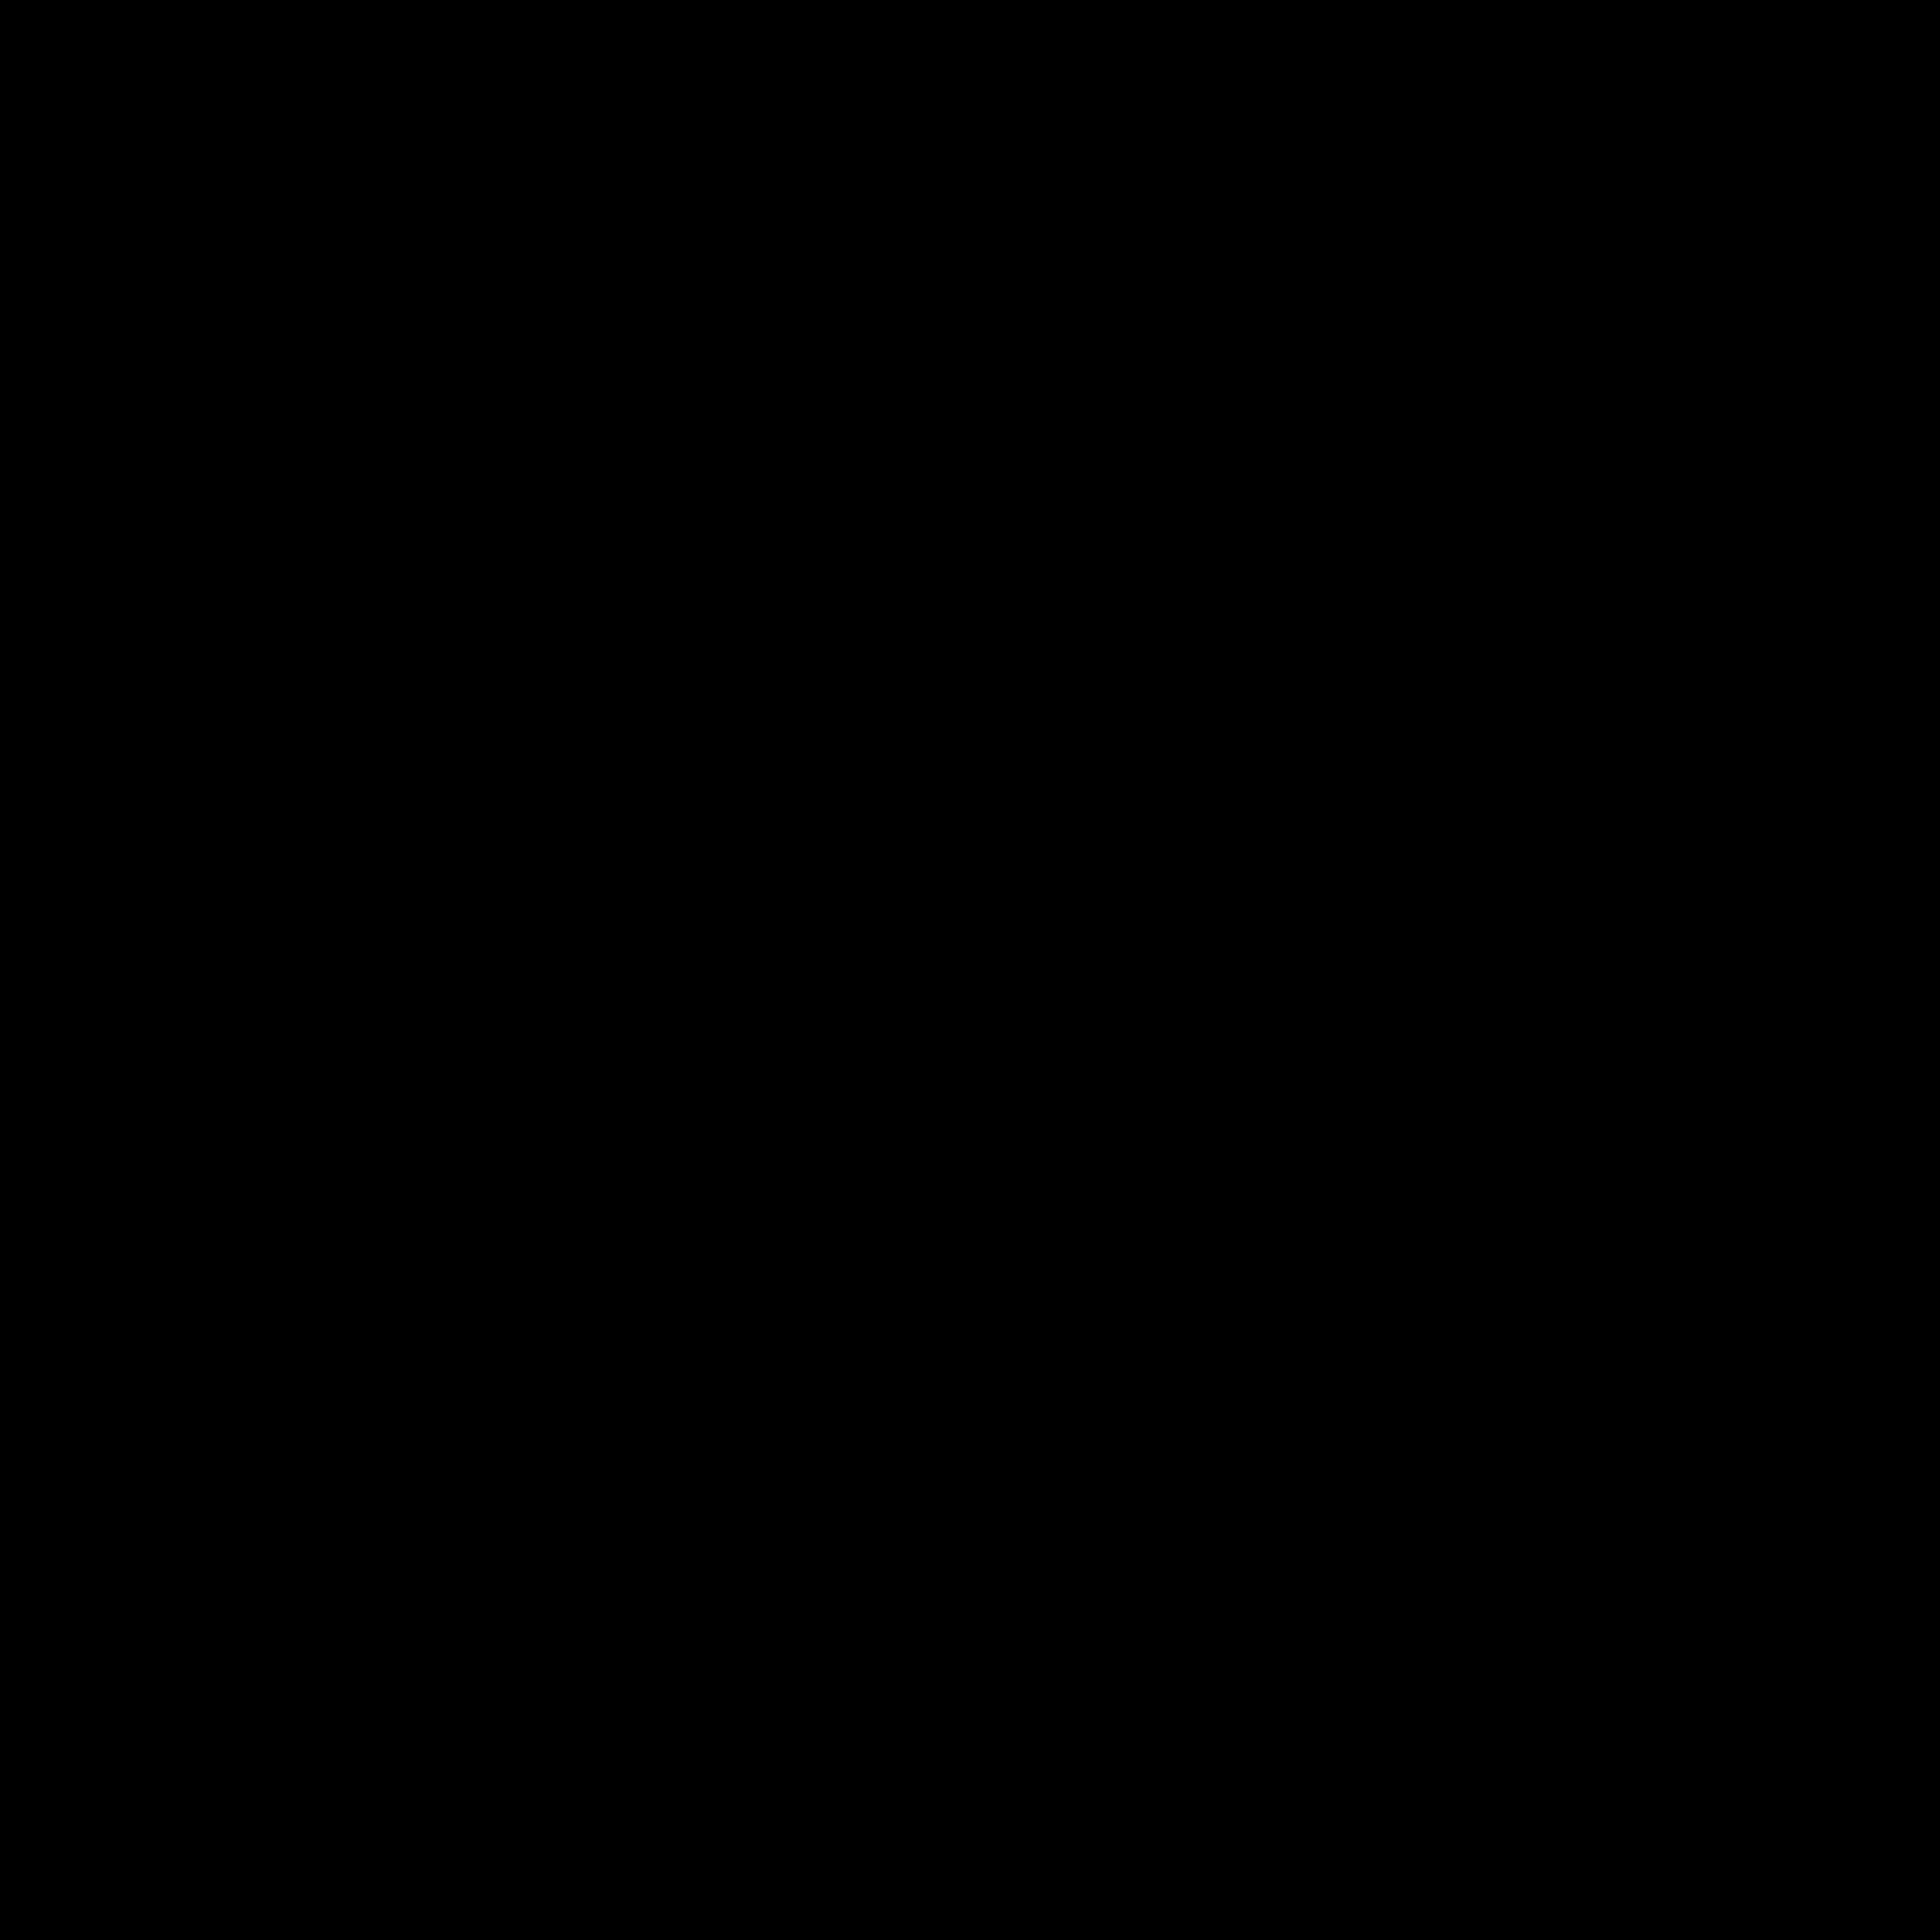 Make Waves Media Co.